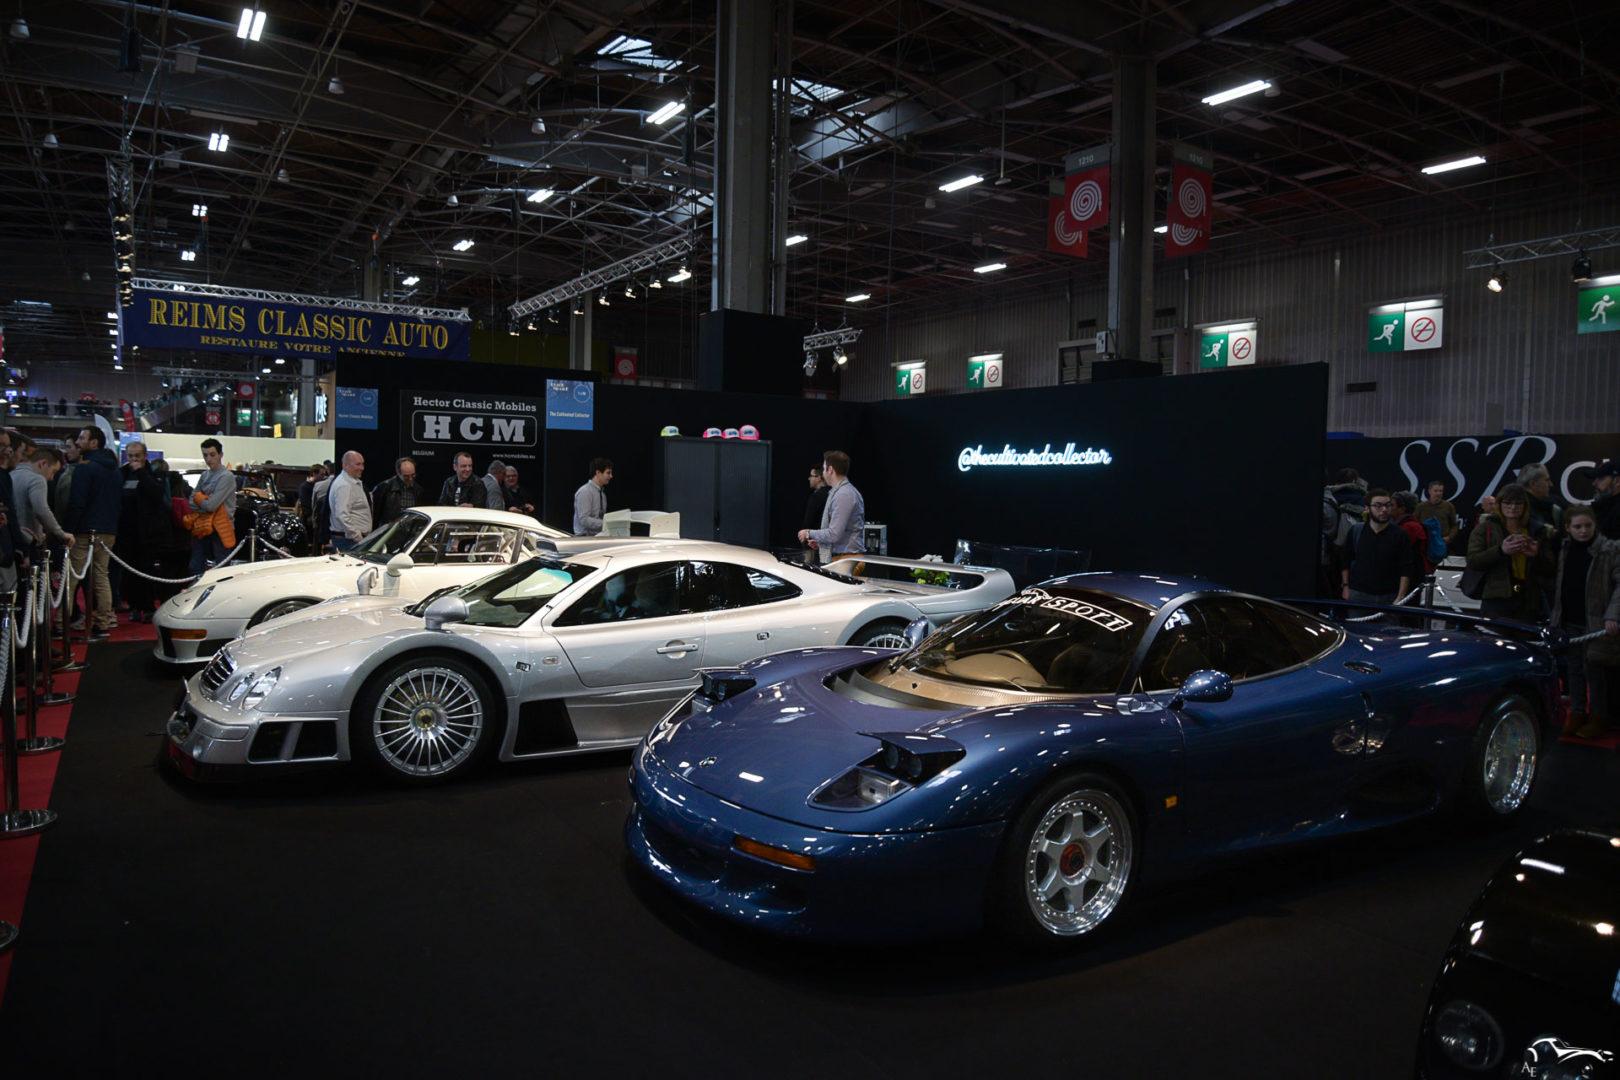 Mercedes Benz CLK GTR & Jaguar XJR-15